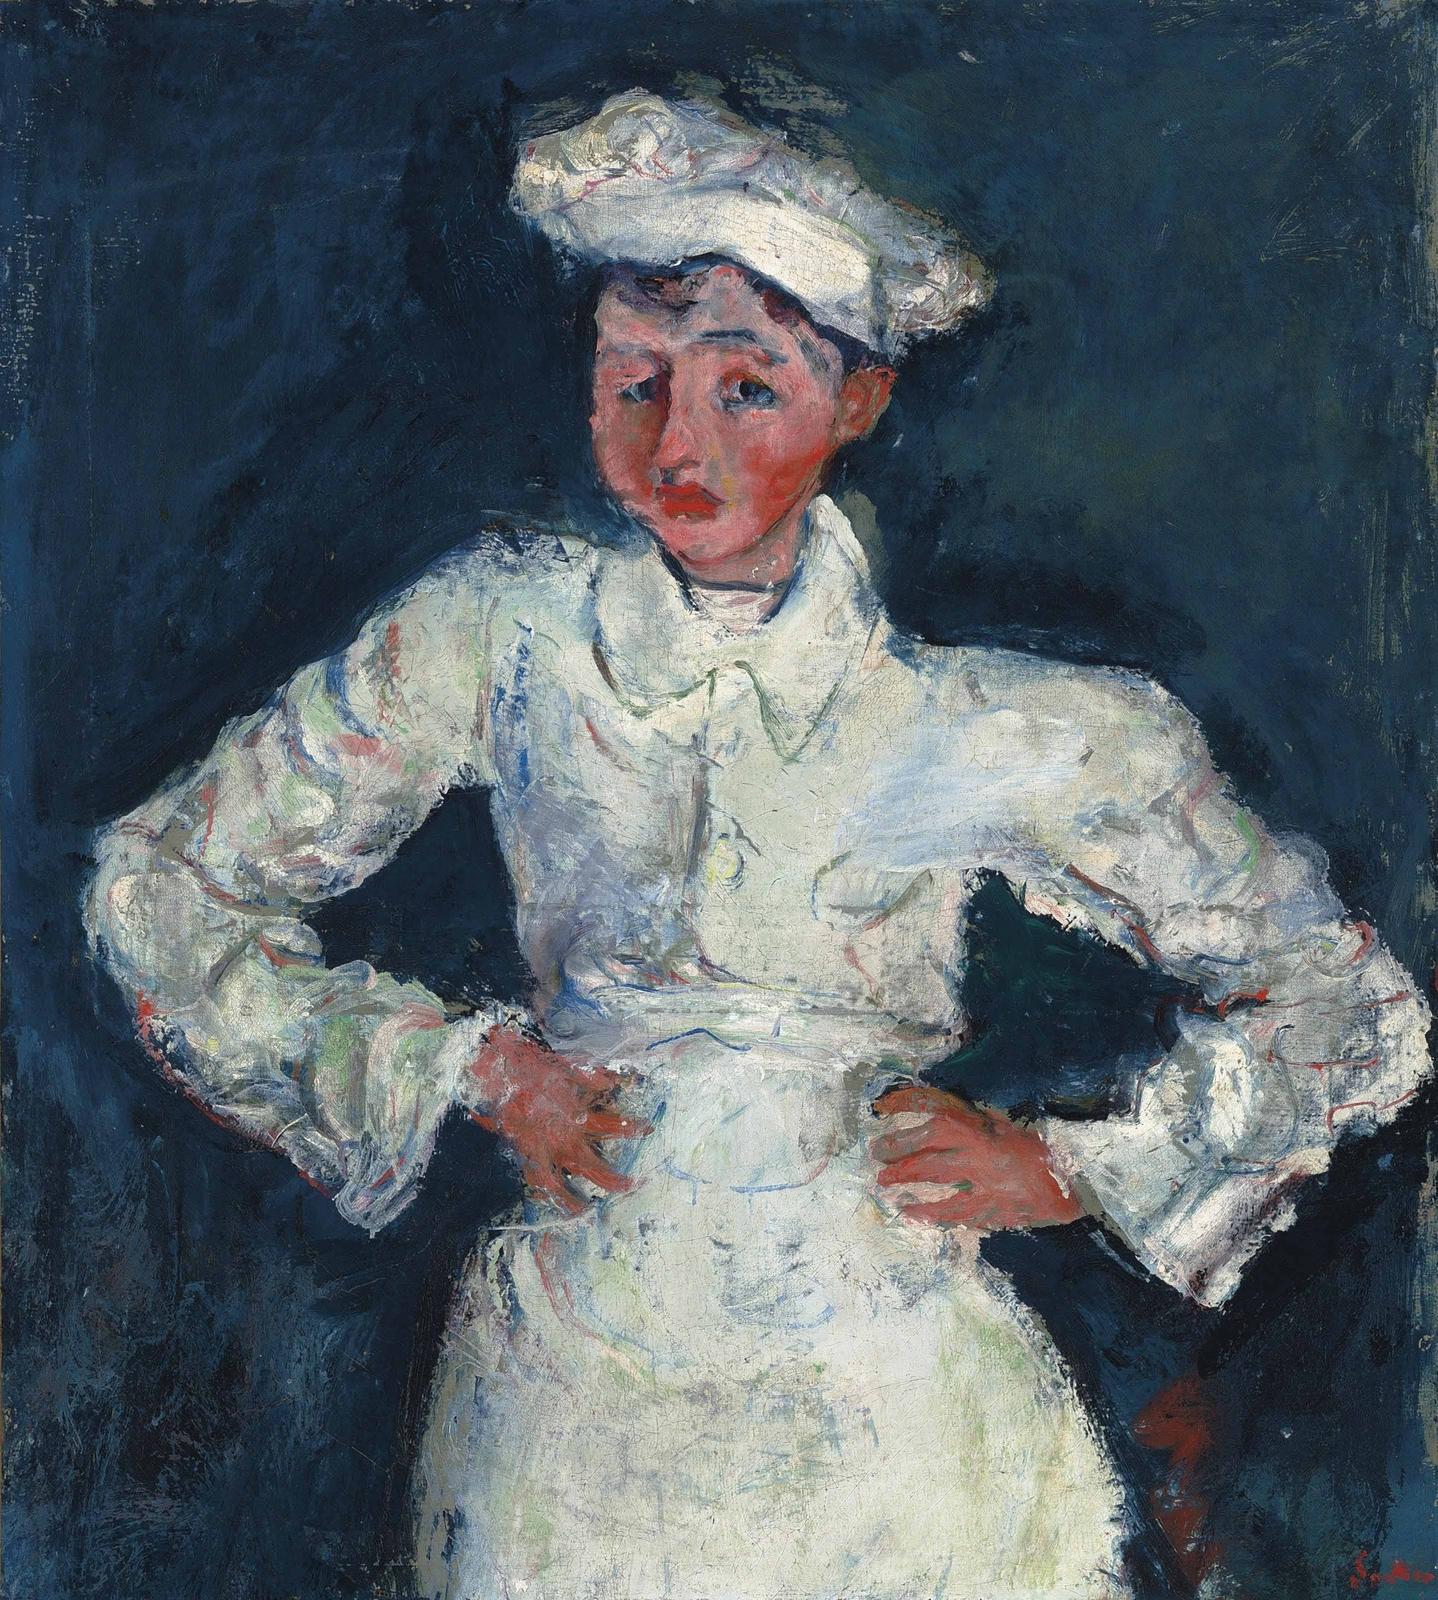 Хаим Сутин. Маленький кондитер, 1927